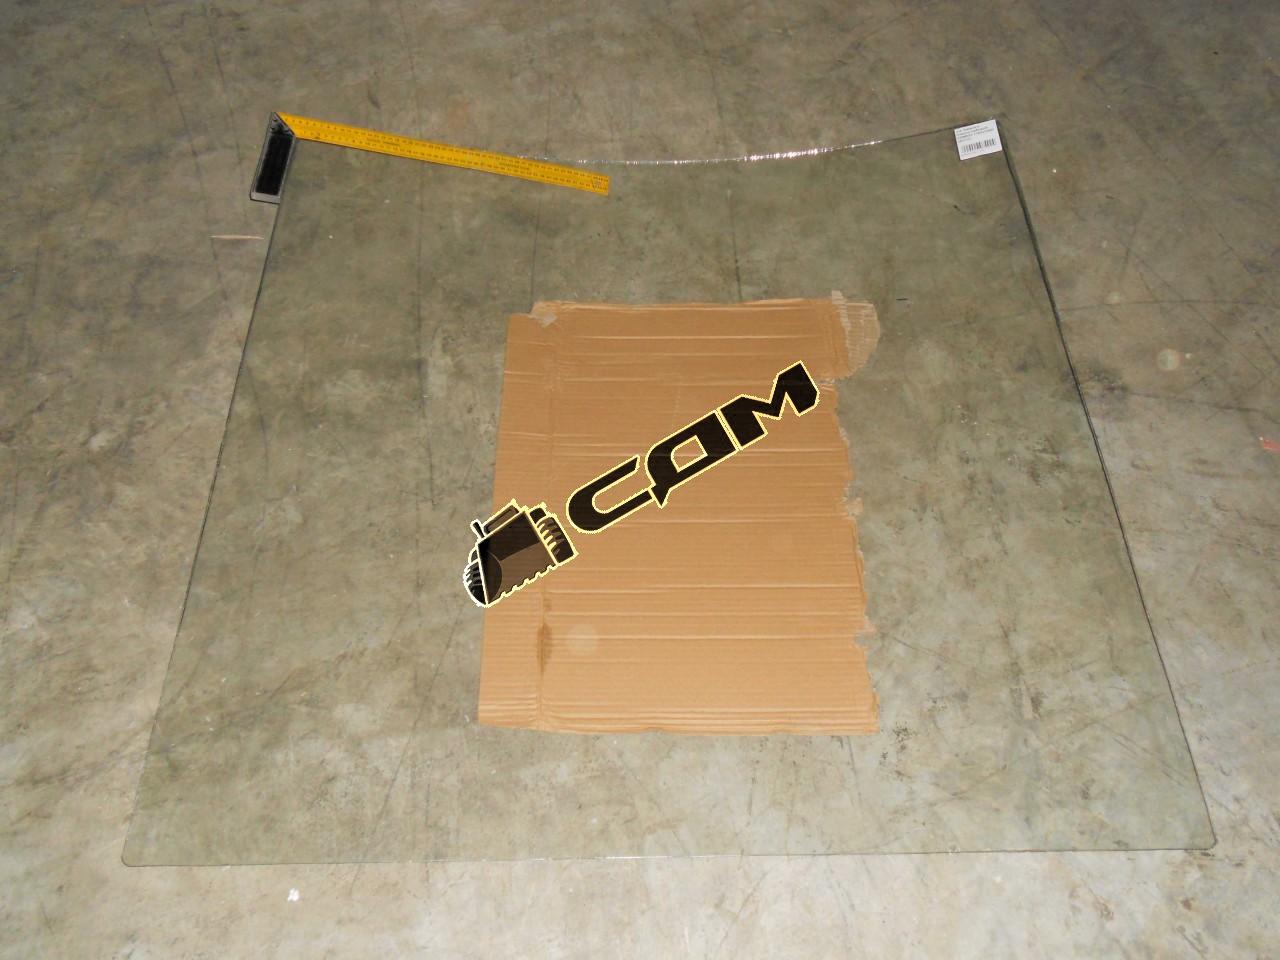 Стекло лобовое центральное CDM833 LG30D.12002A LG30F.12-007